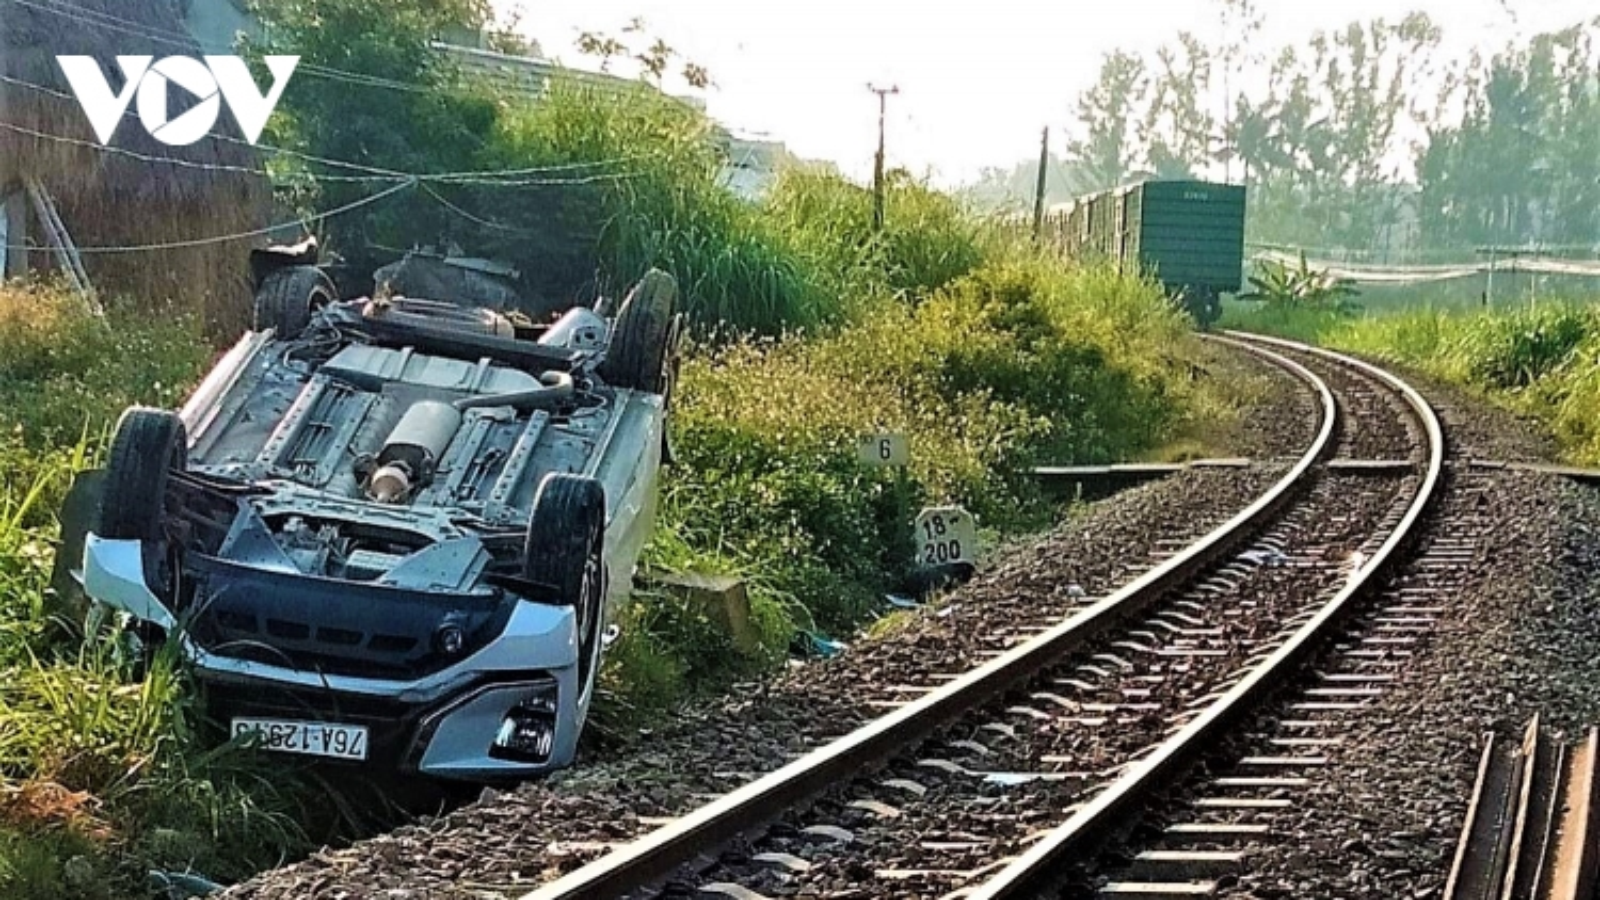 Xe 7 chỗ va chạm với tàu hỏa: 1 người chết, 2 người bị thương nặng